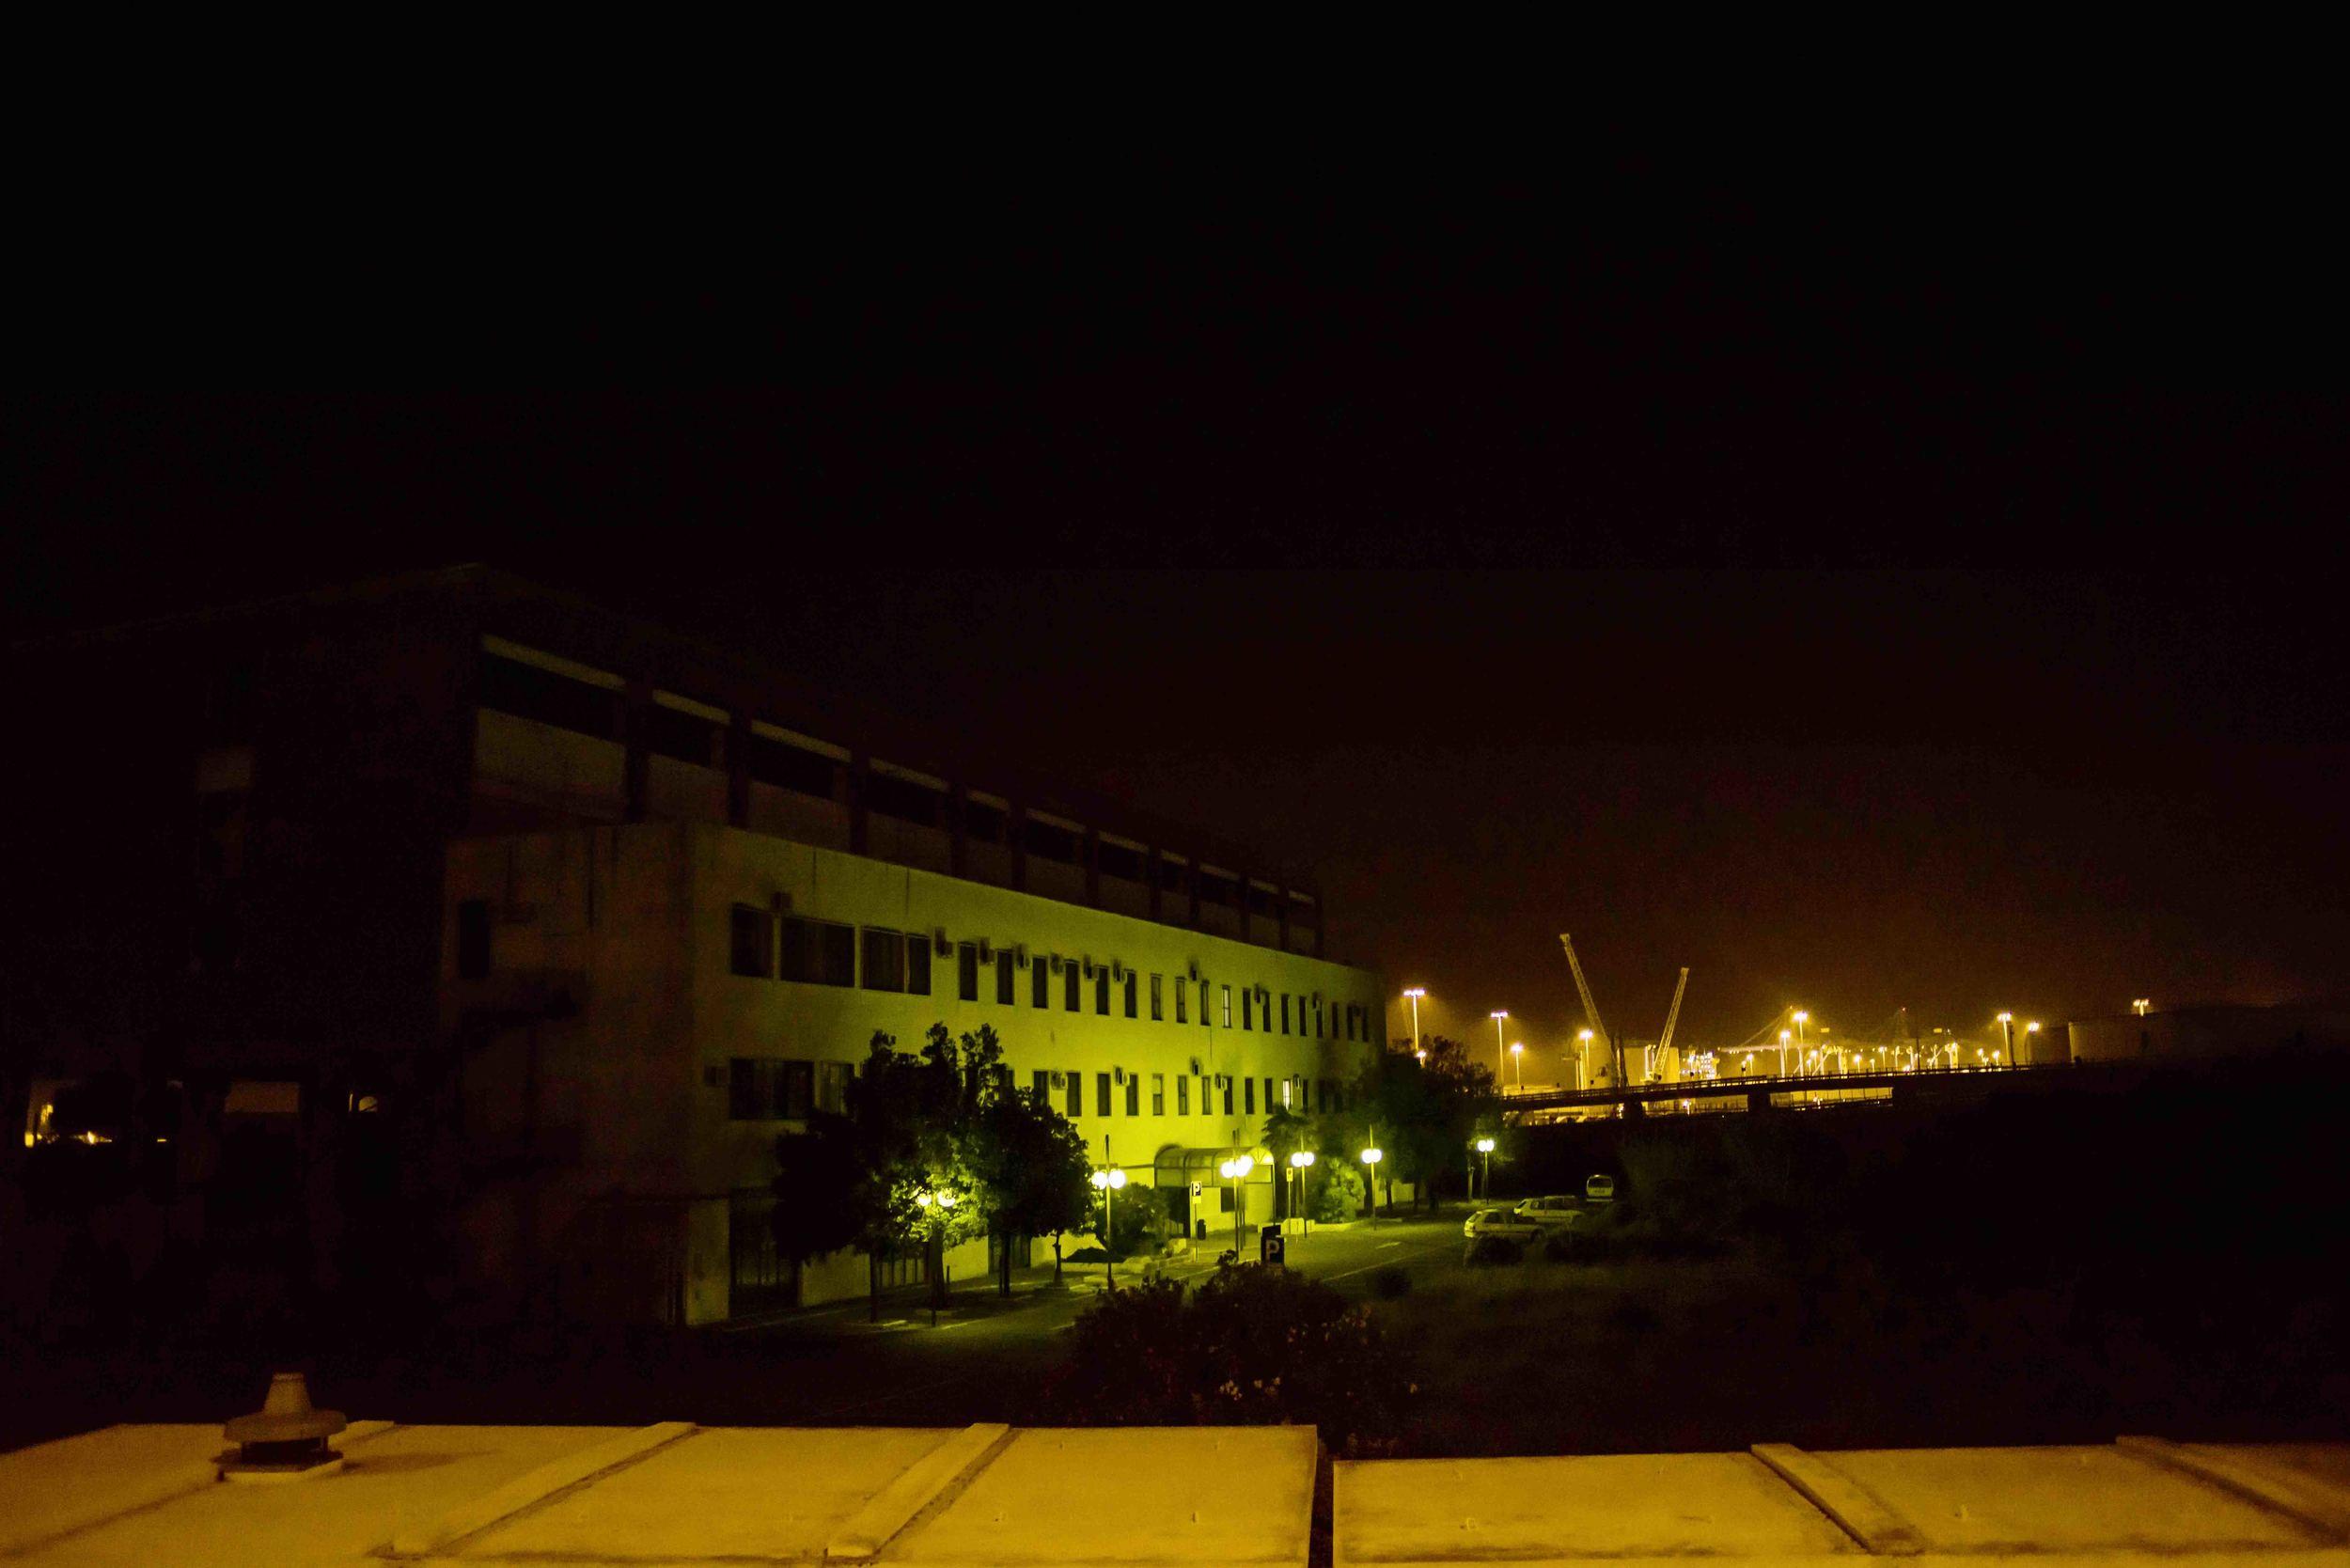 La centrale termoelettrica di Fiumaretta, costruita durante il piano Marshall. Soggetta a continue esplosioni è stata chiusa quando i manifestanti si sono incatenati ai rottami fuoriusciti lungo la via Aurelia. Civitavecchia, ottobre 2014. (David Pagliani Istivan)